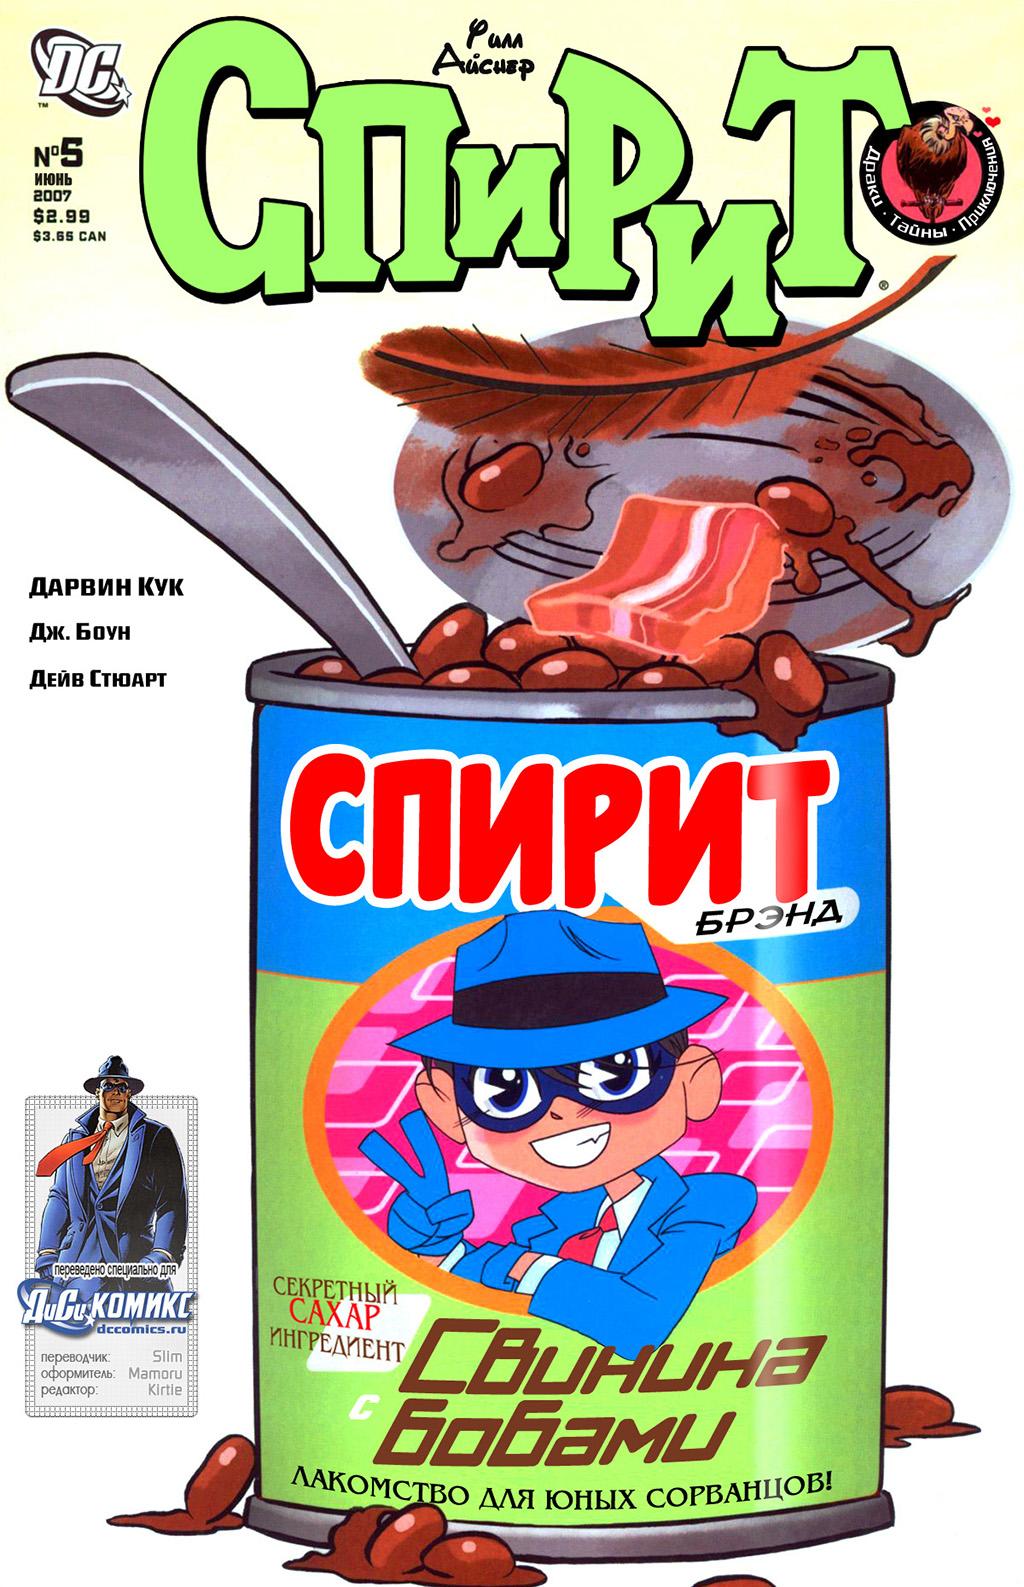 Комикс Призрак